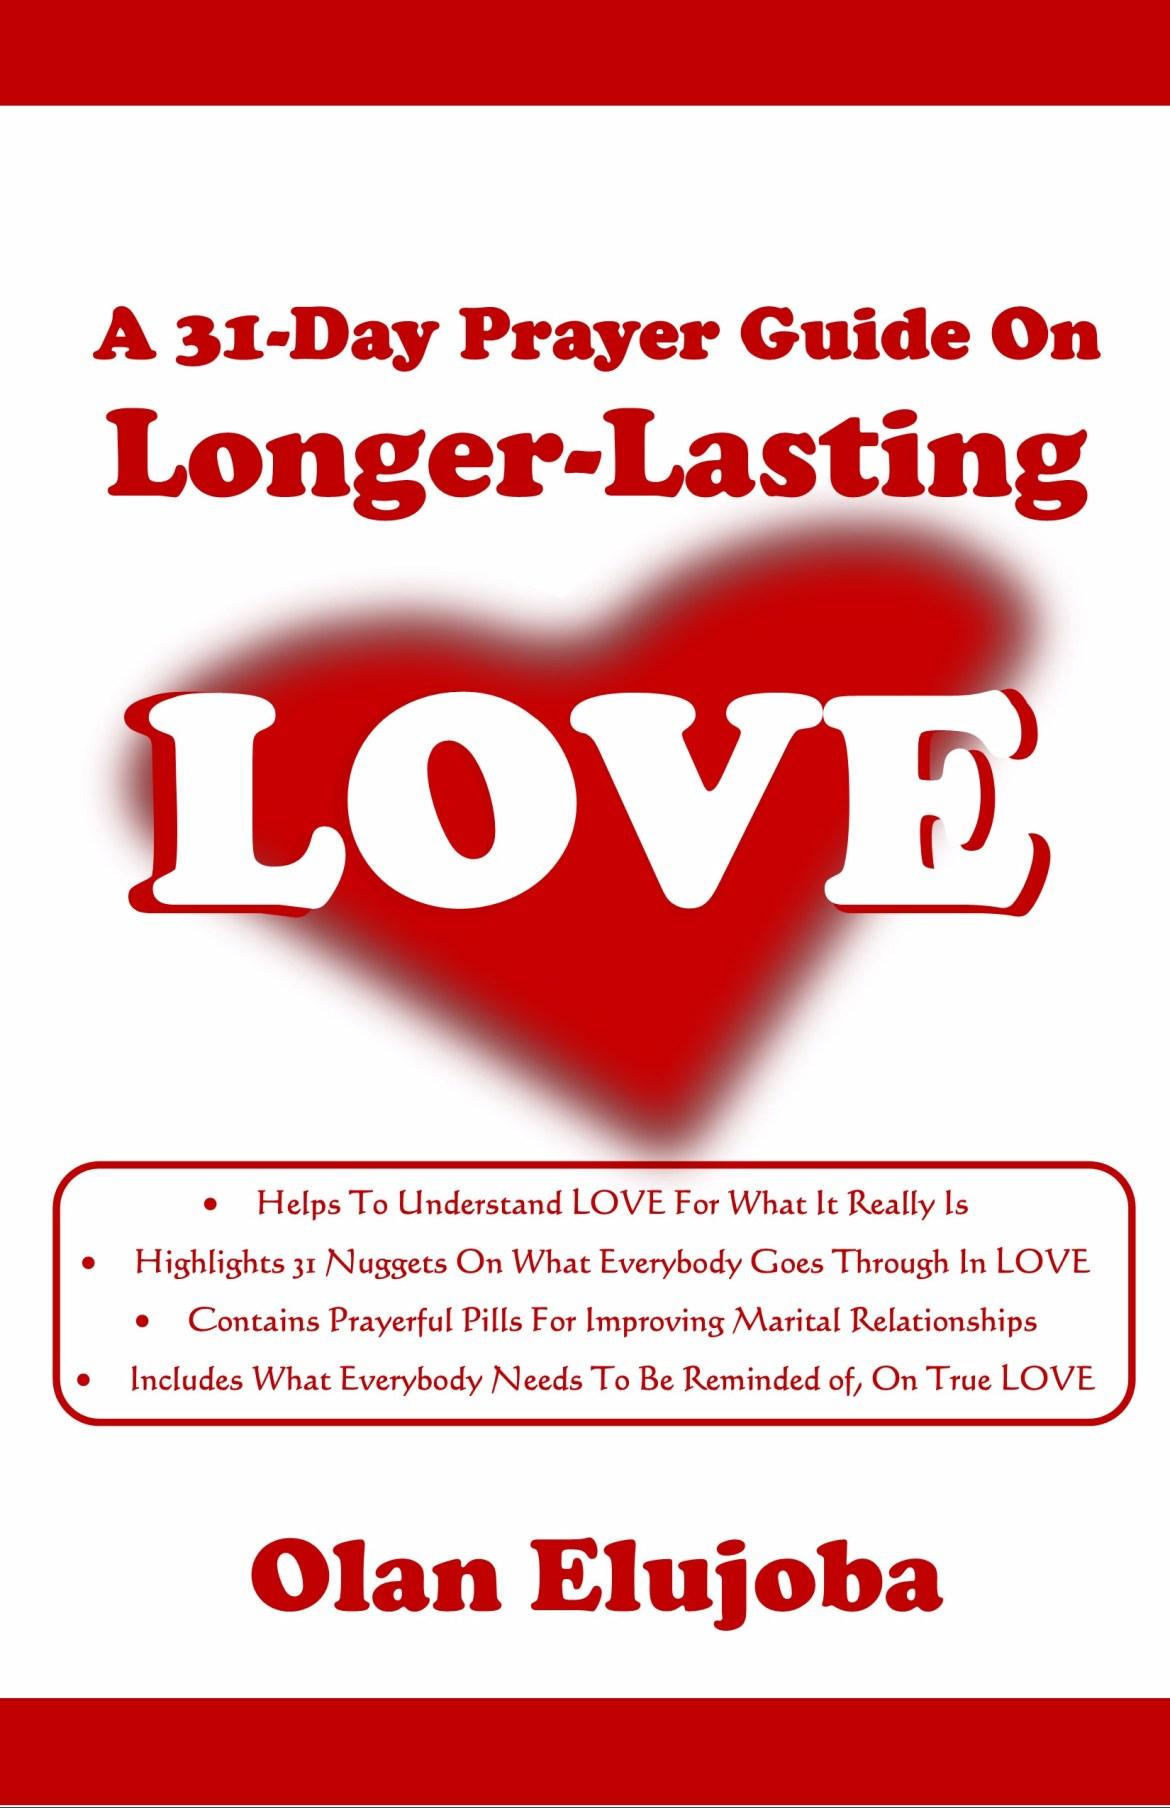 a 31 day prayer guide for longer lasting love cover